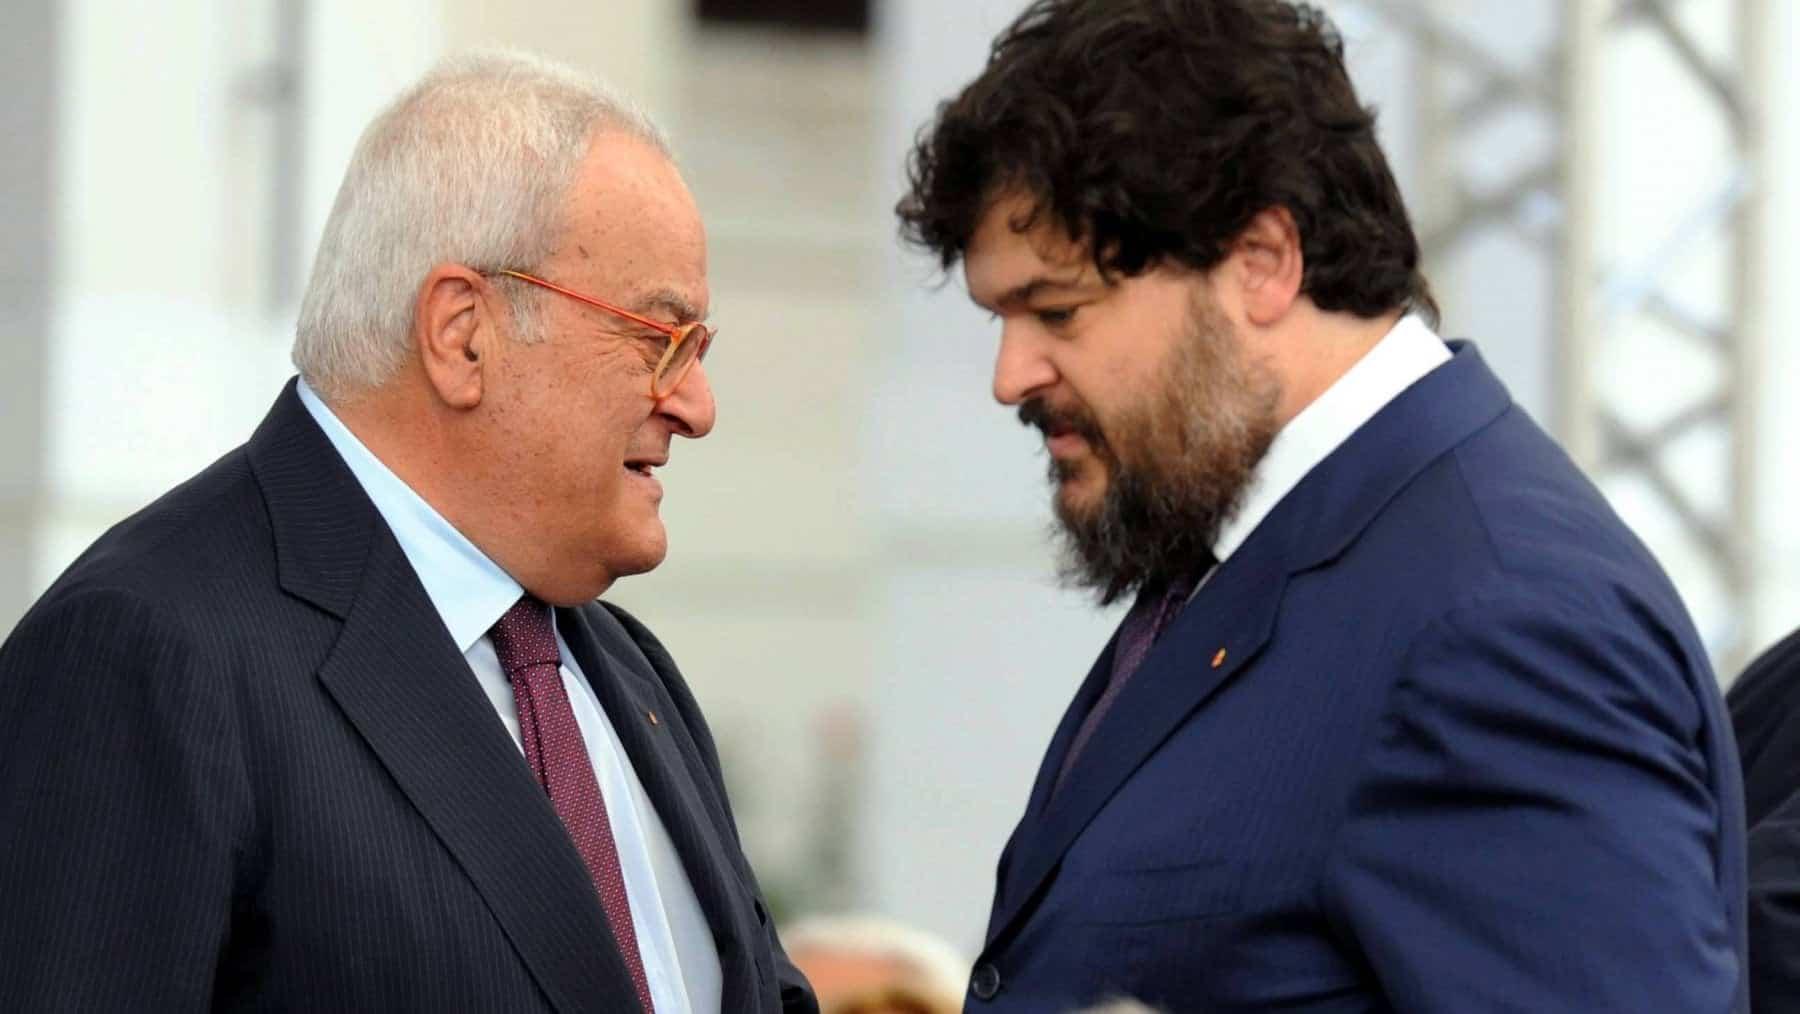 Banca Popolare di Bari , in azione la guardia di Finanza arrestati Marco Jacobini e suo figlio Gianluca